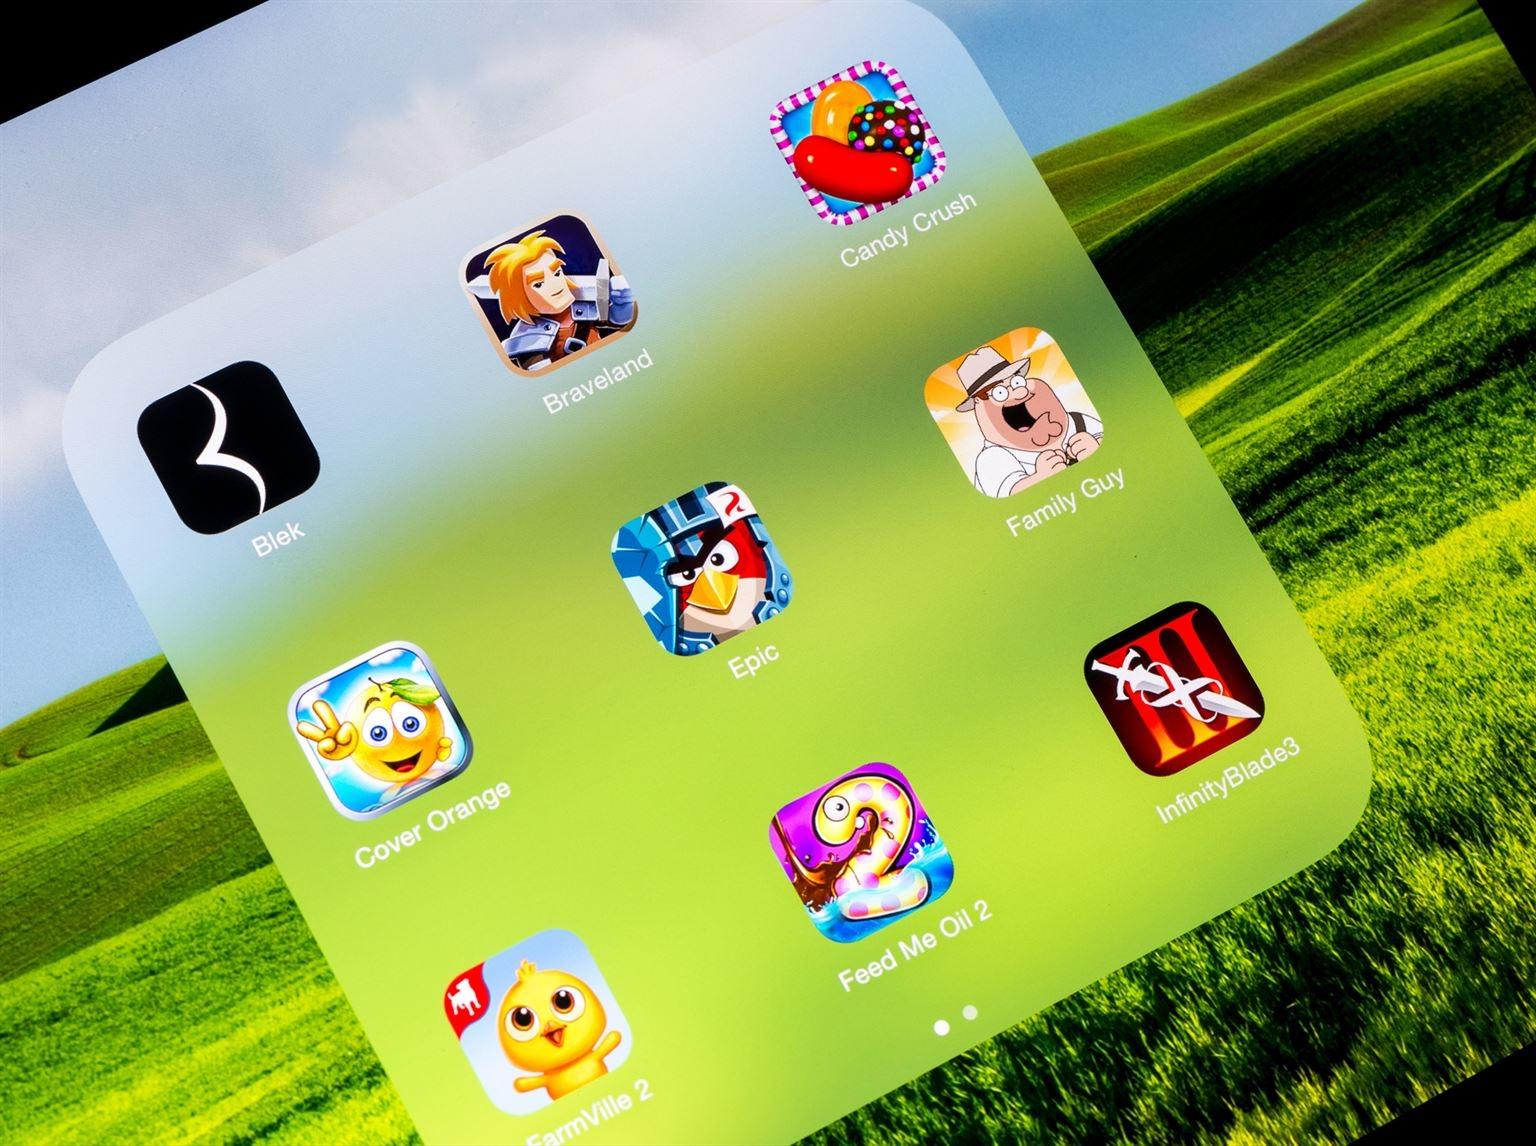 Jeux Sur Tablette: 64 Choix Pour Enfants | Protégez-Vous.ca destiné Jeux Educatif Gratuit Pour Fille De 5 Ans